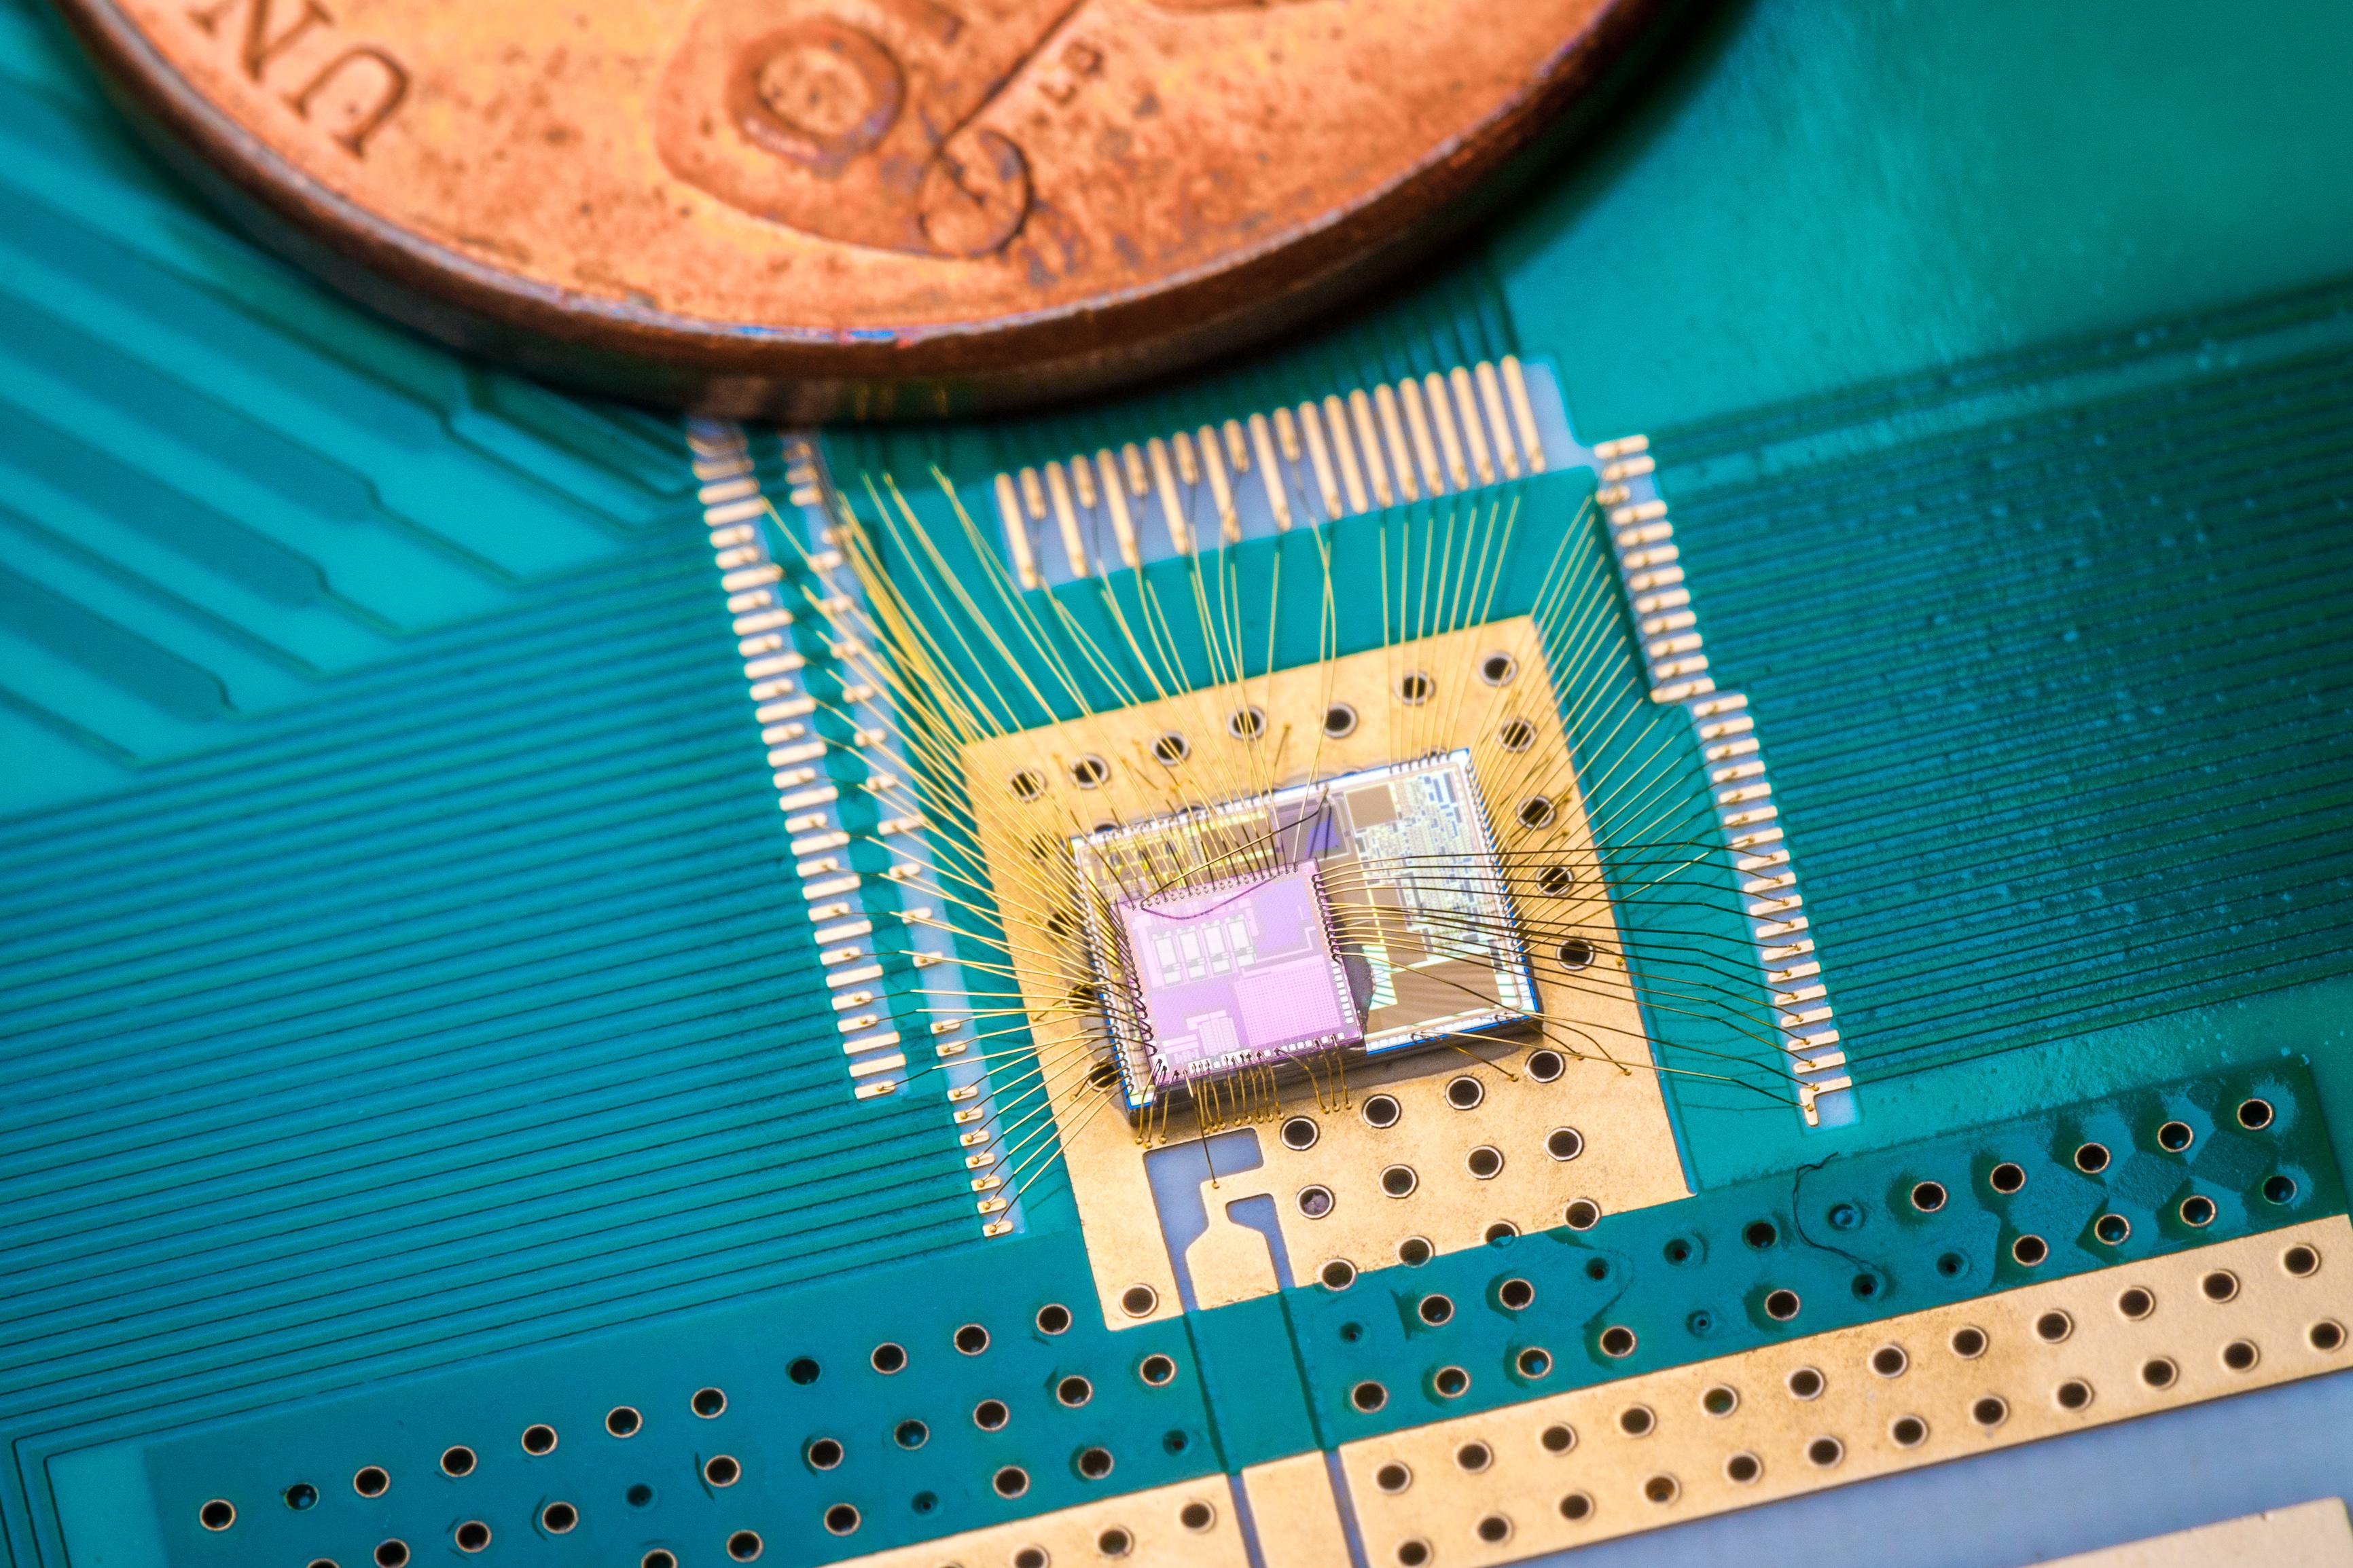 Une nouvelle puce d'économie d'énergie développée par les ingénieurs de l'Université de Californie à San Diego pourrait considérablement réduire ou éliminer la nécessité de remplacer les piles dans les appareils et les objets connectés. Le soi-disant récepteur de réveil ne réveille un appareil que lorsqu'il doit communiquer et remplir sa fonction. (crédits: David Baillot / UC San Diego Jacobs School of Engineering / Flickr Creative Attribution 2.0 Générique (CC BY 2.0))